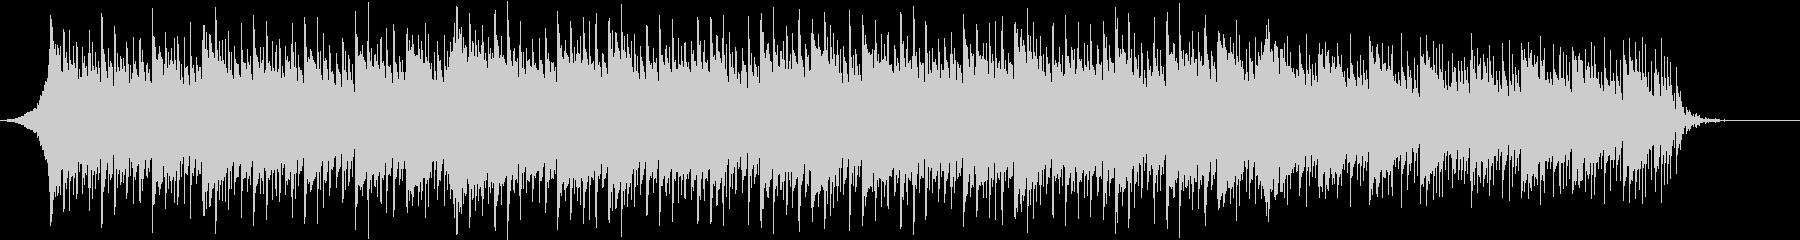 企業VPや映像に爽やかギター (Mid)の未再生の波形